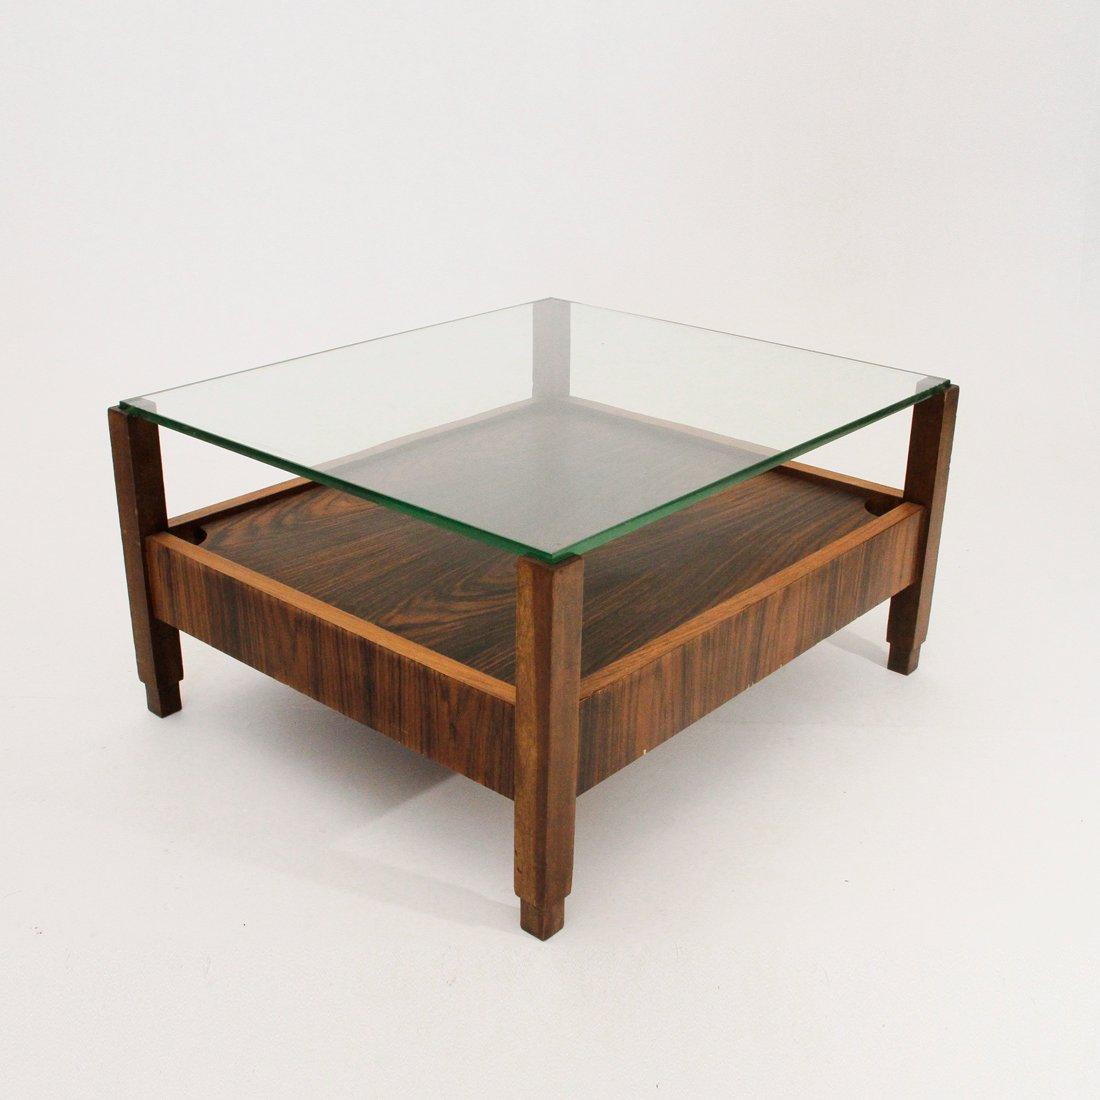 italienischer couchtisch mit glasplatte 1960er bei pamono kaufen. Black Bedroom Furniture Sets. Home Design Ideas